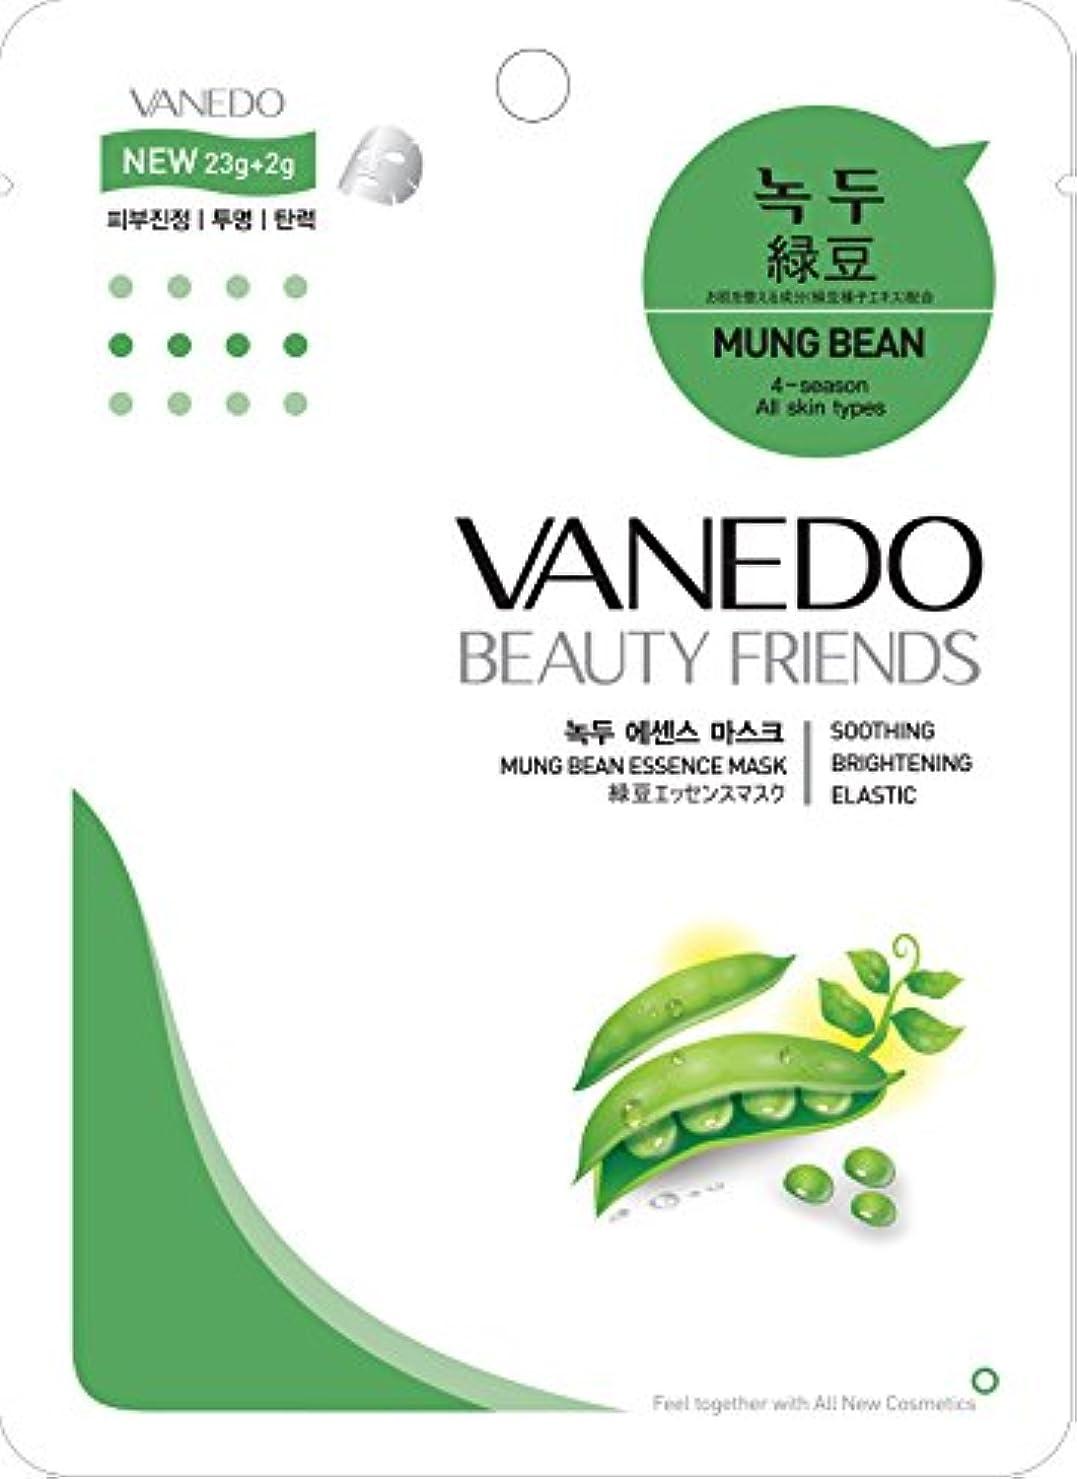 磁石増加する水陸両用【VANEDO】バネド シートマスク 緑豆 10枚セット/エッセンス/保湿/フェイスマスク/フェイスパック/マスクパック/韓国コスメ [メール便]